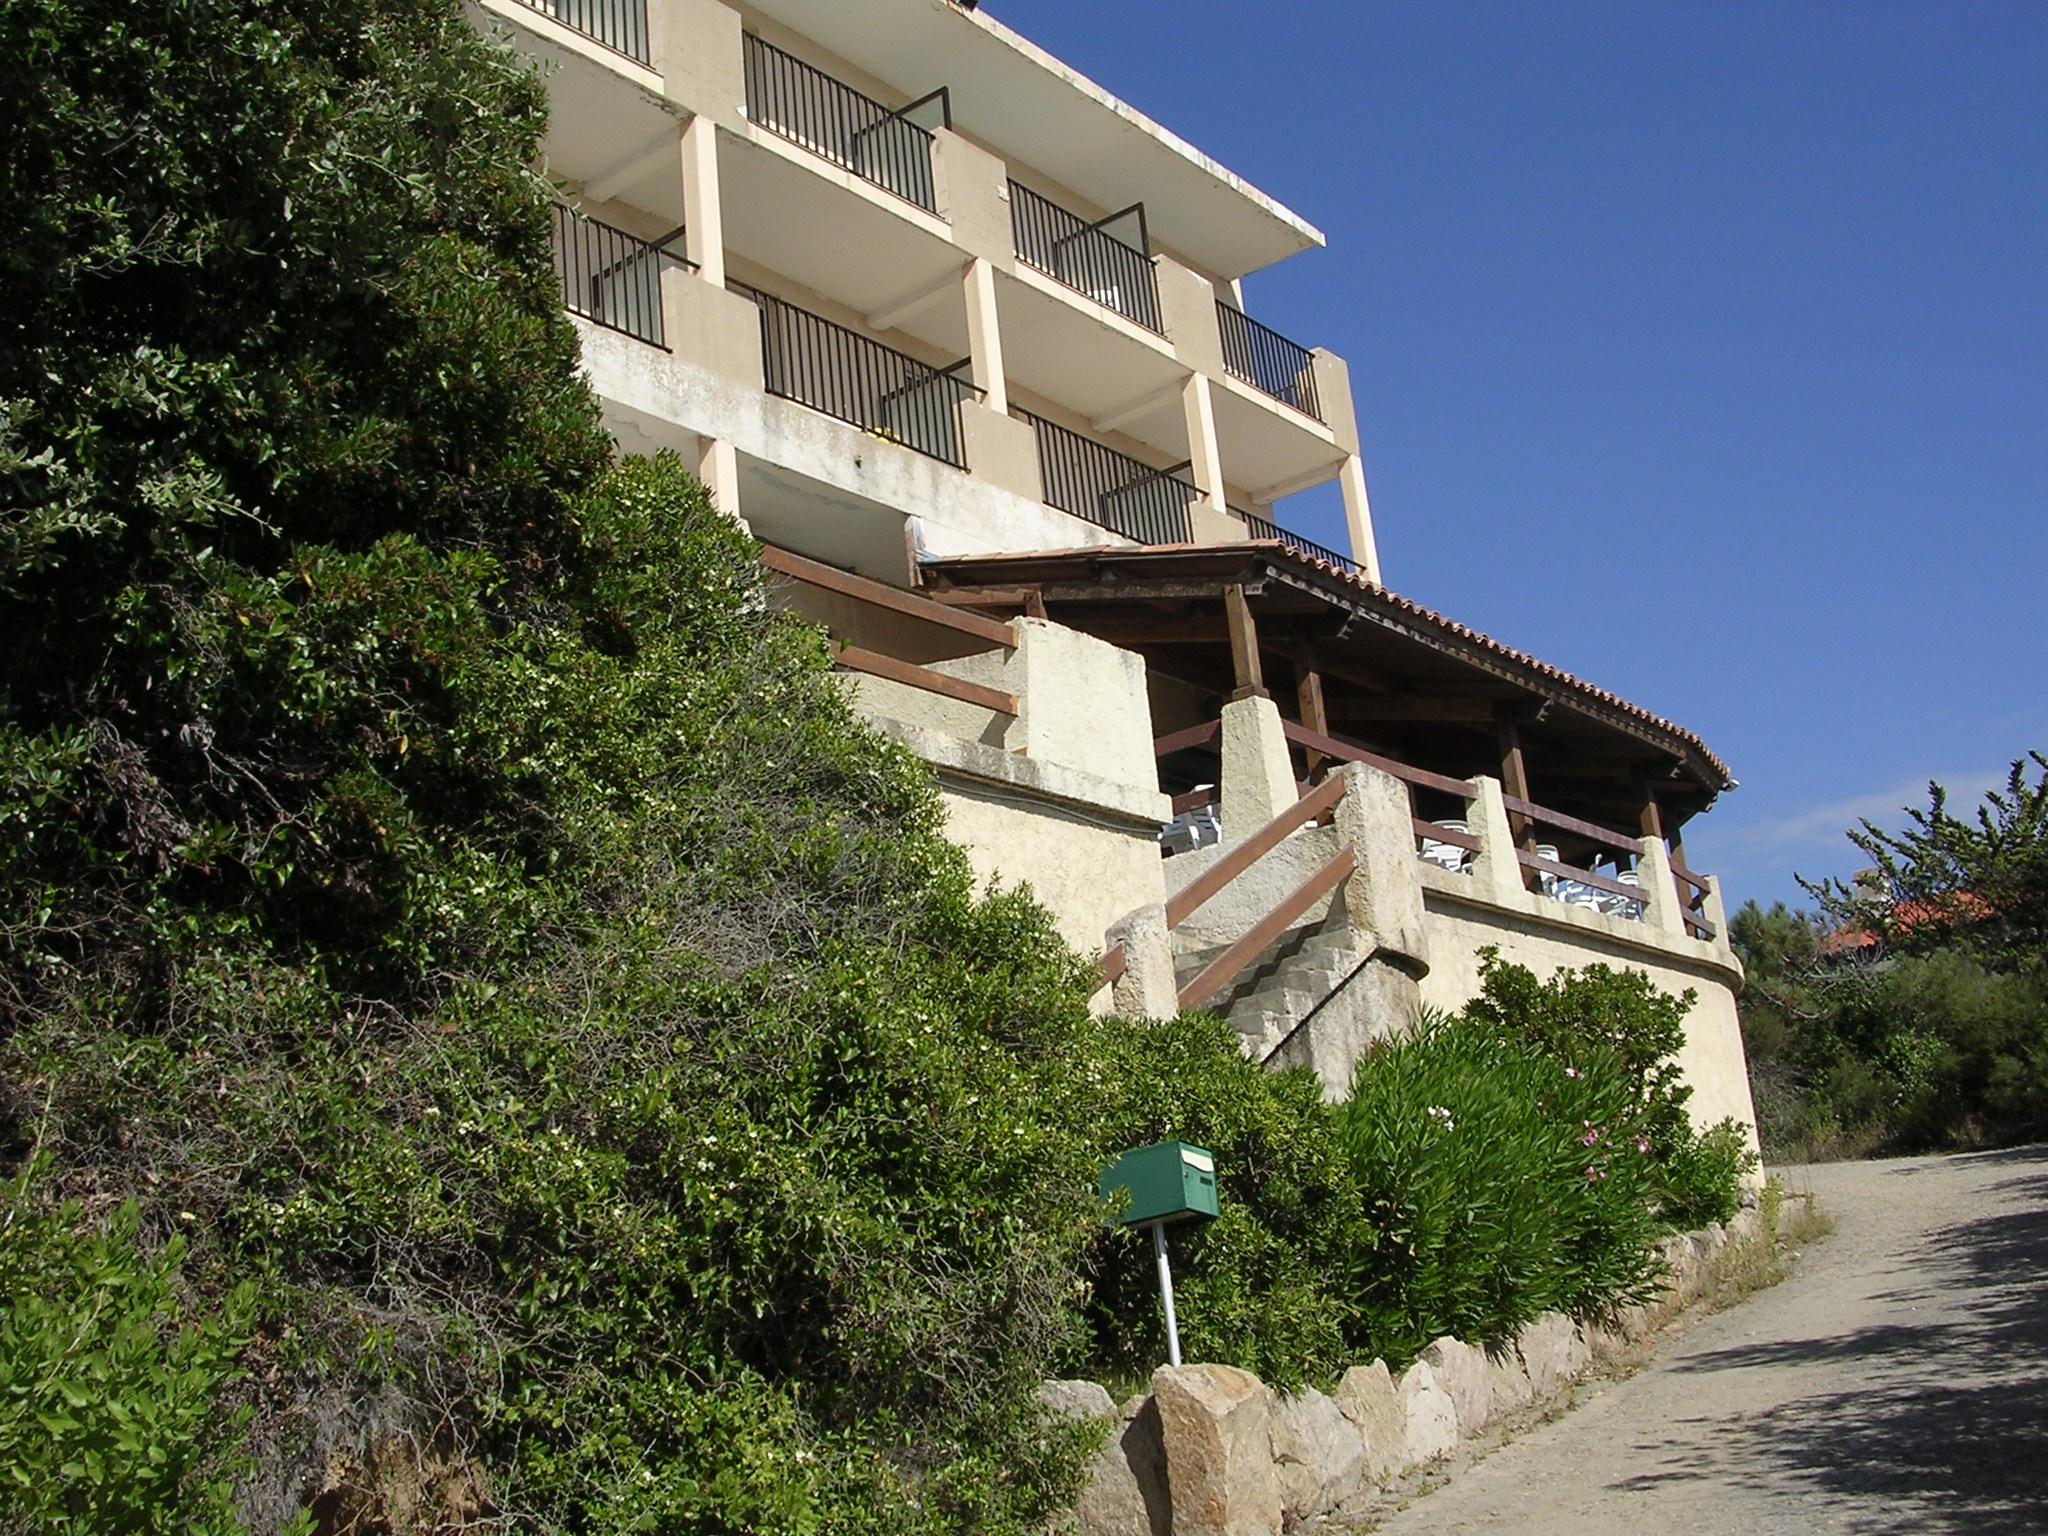 Hotel A Rena d'Oru